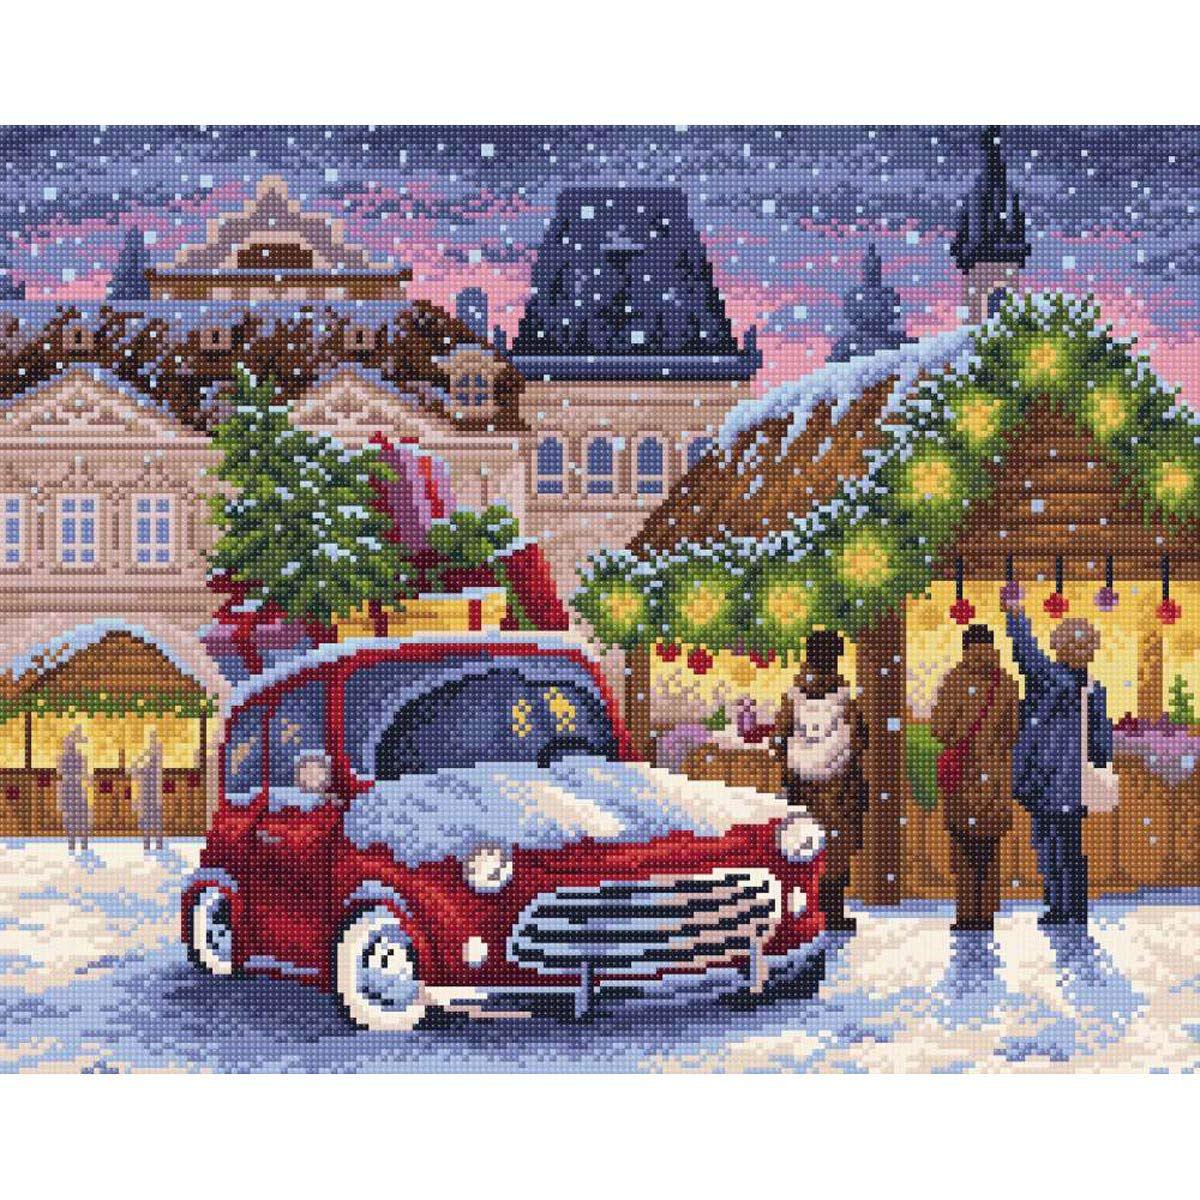 МС-007 Алмазная мозаика 'Рождественская ярмарка' 48*38см Brilliart